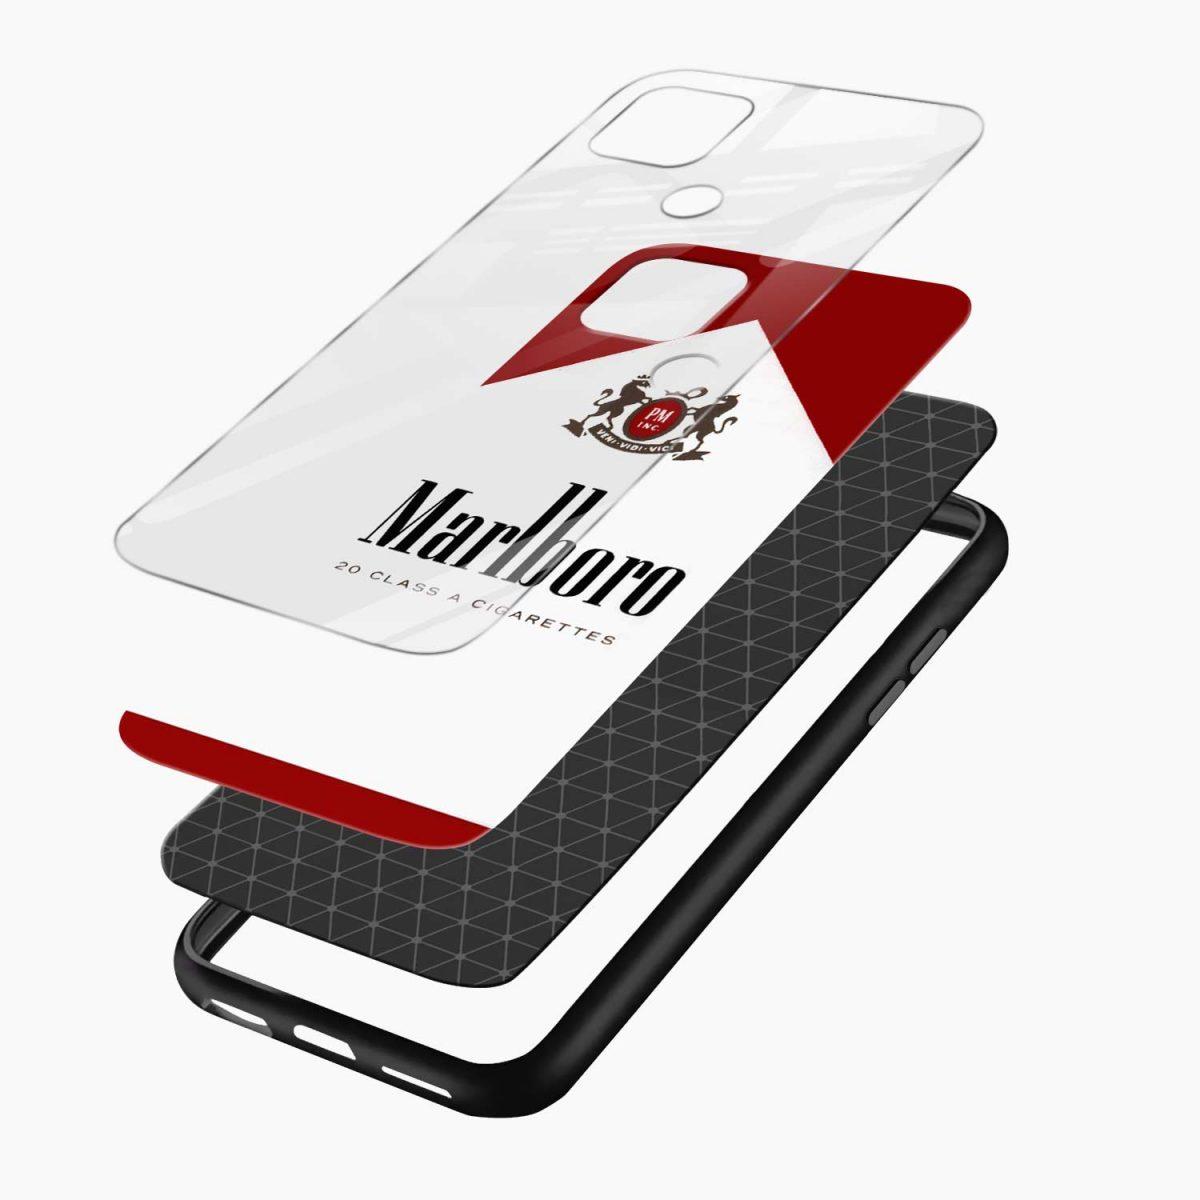 marlboro cigarette box layers view oppo a15 back cover